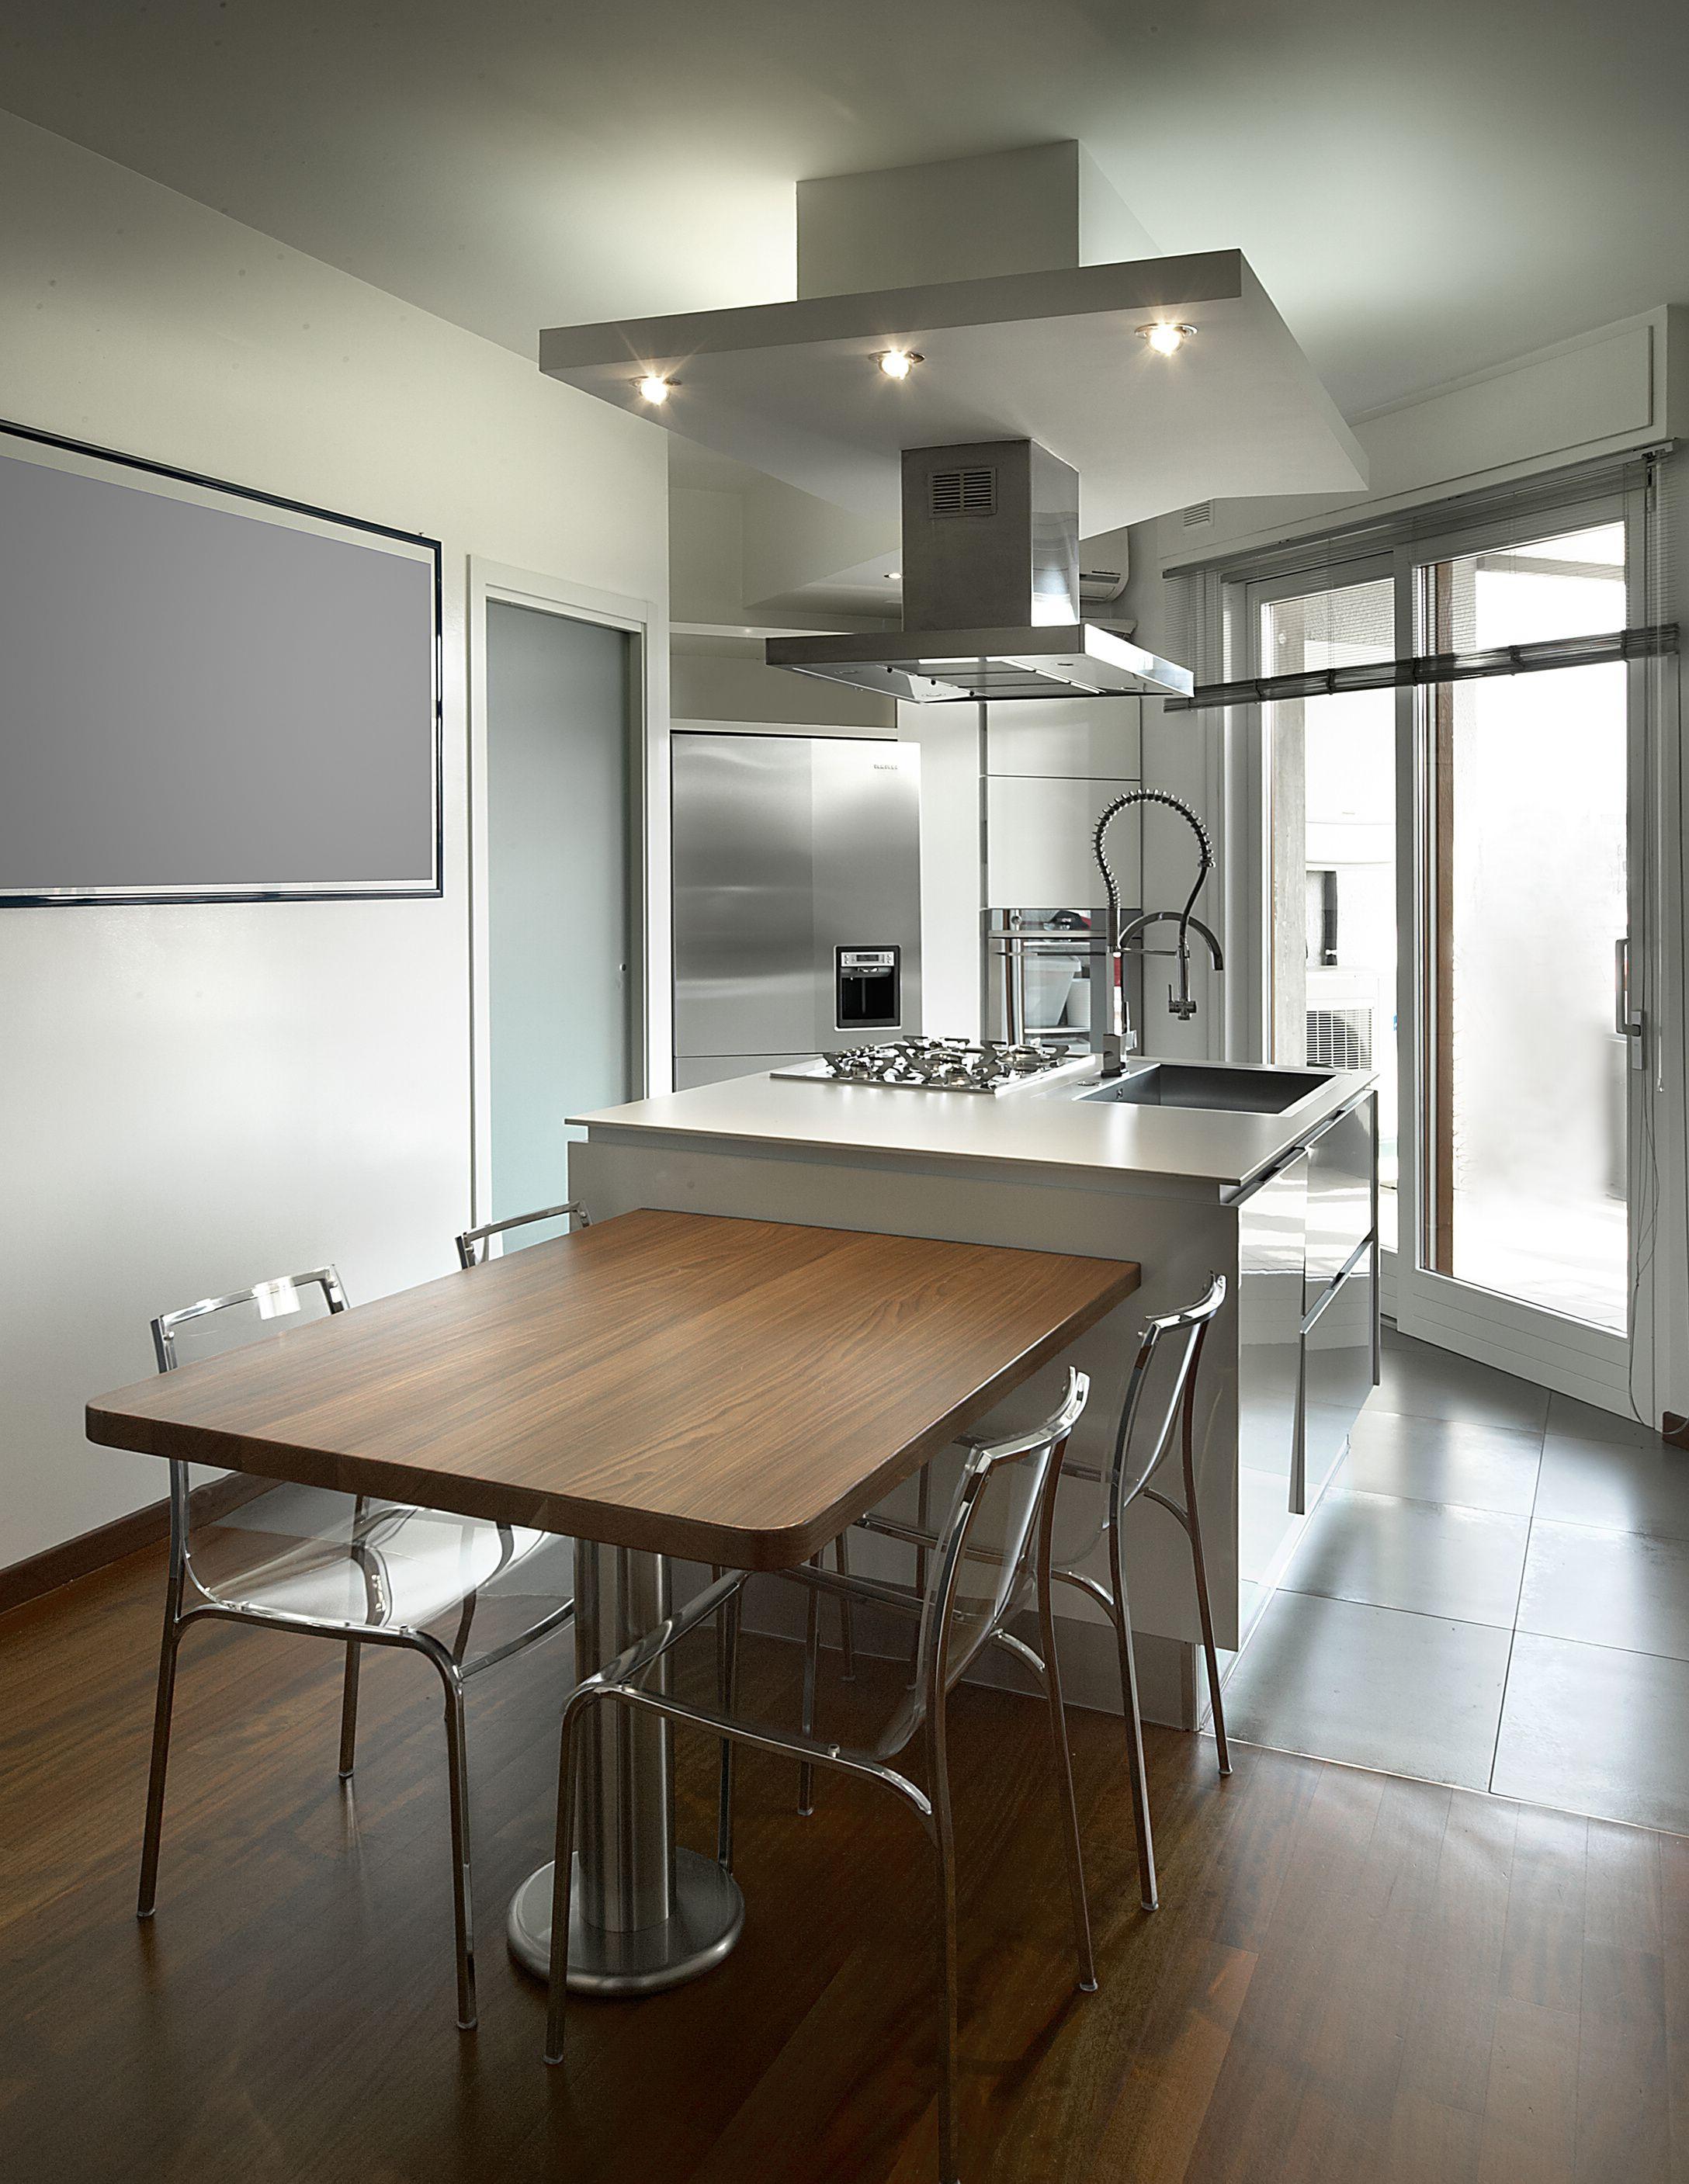 Cucina isola laccar bianca tavolo in legno massello piede for Tavolo da cucina legno